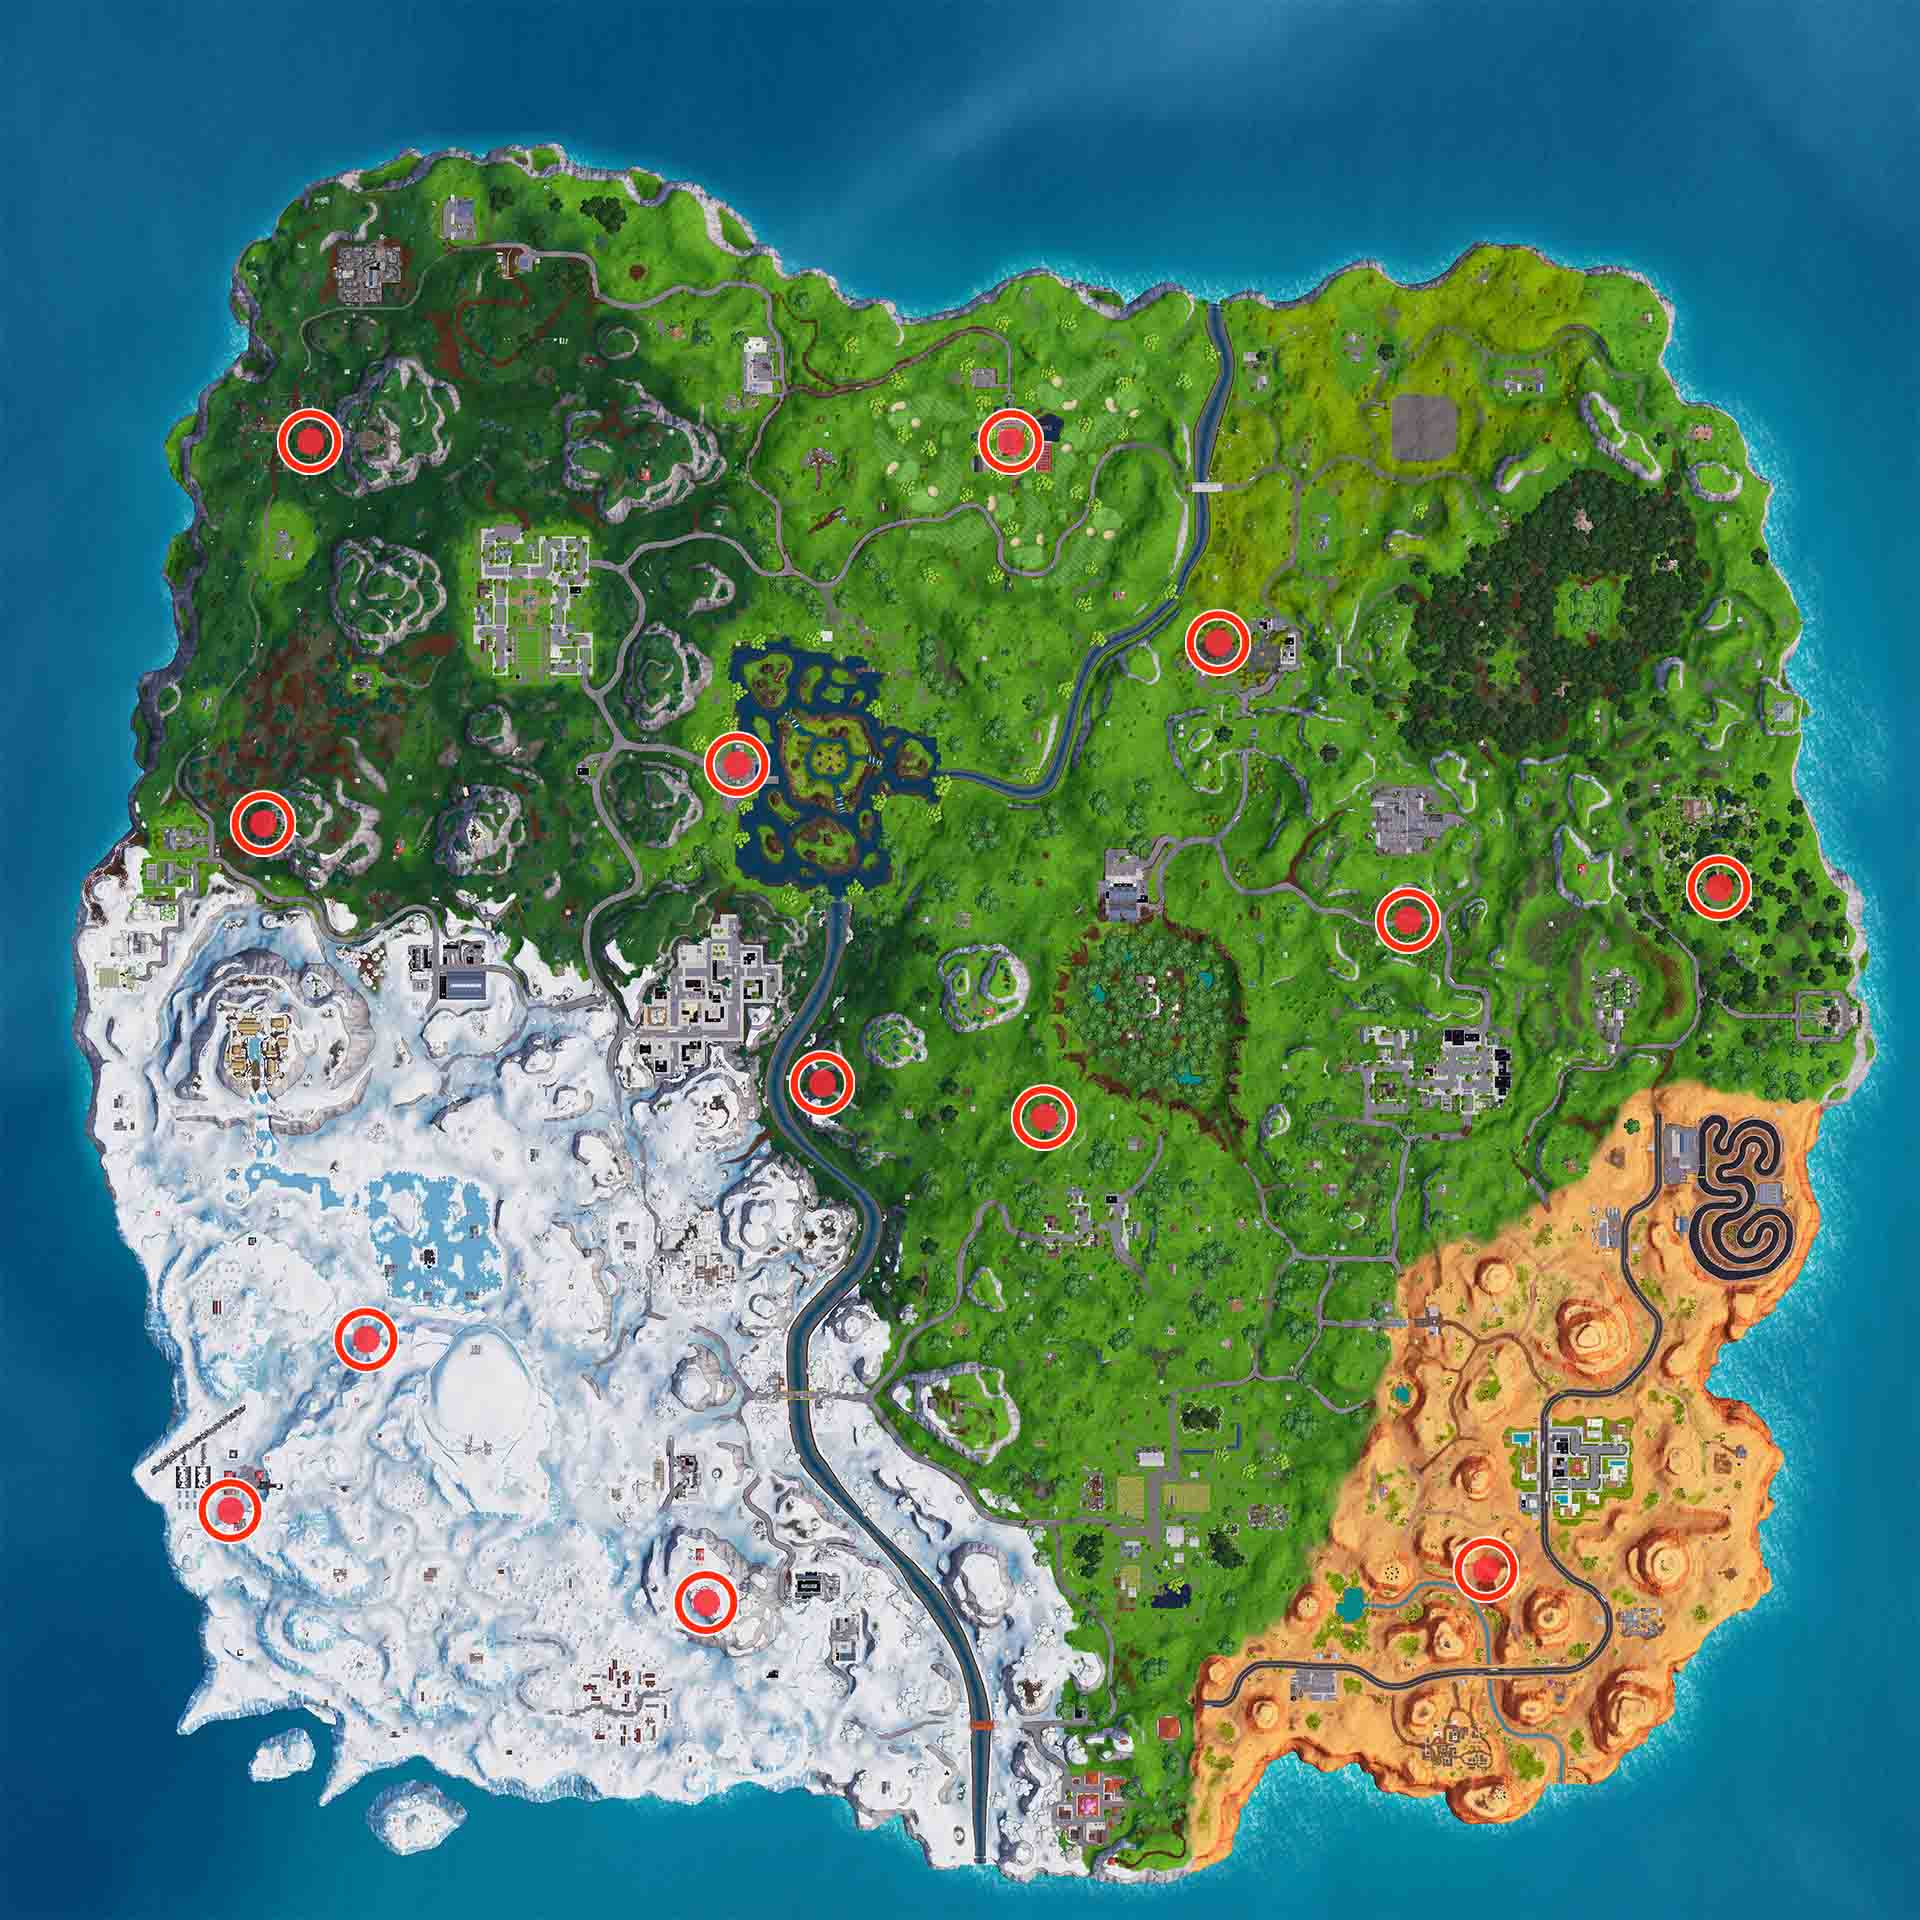 Aros Fortnite Mapa 14 dias de Fortnite